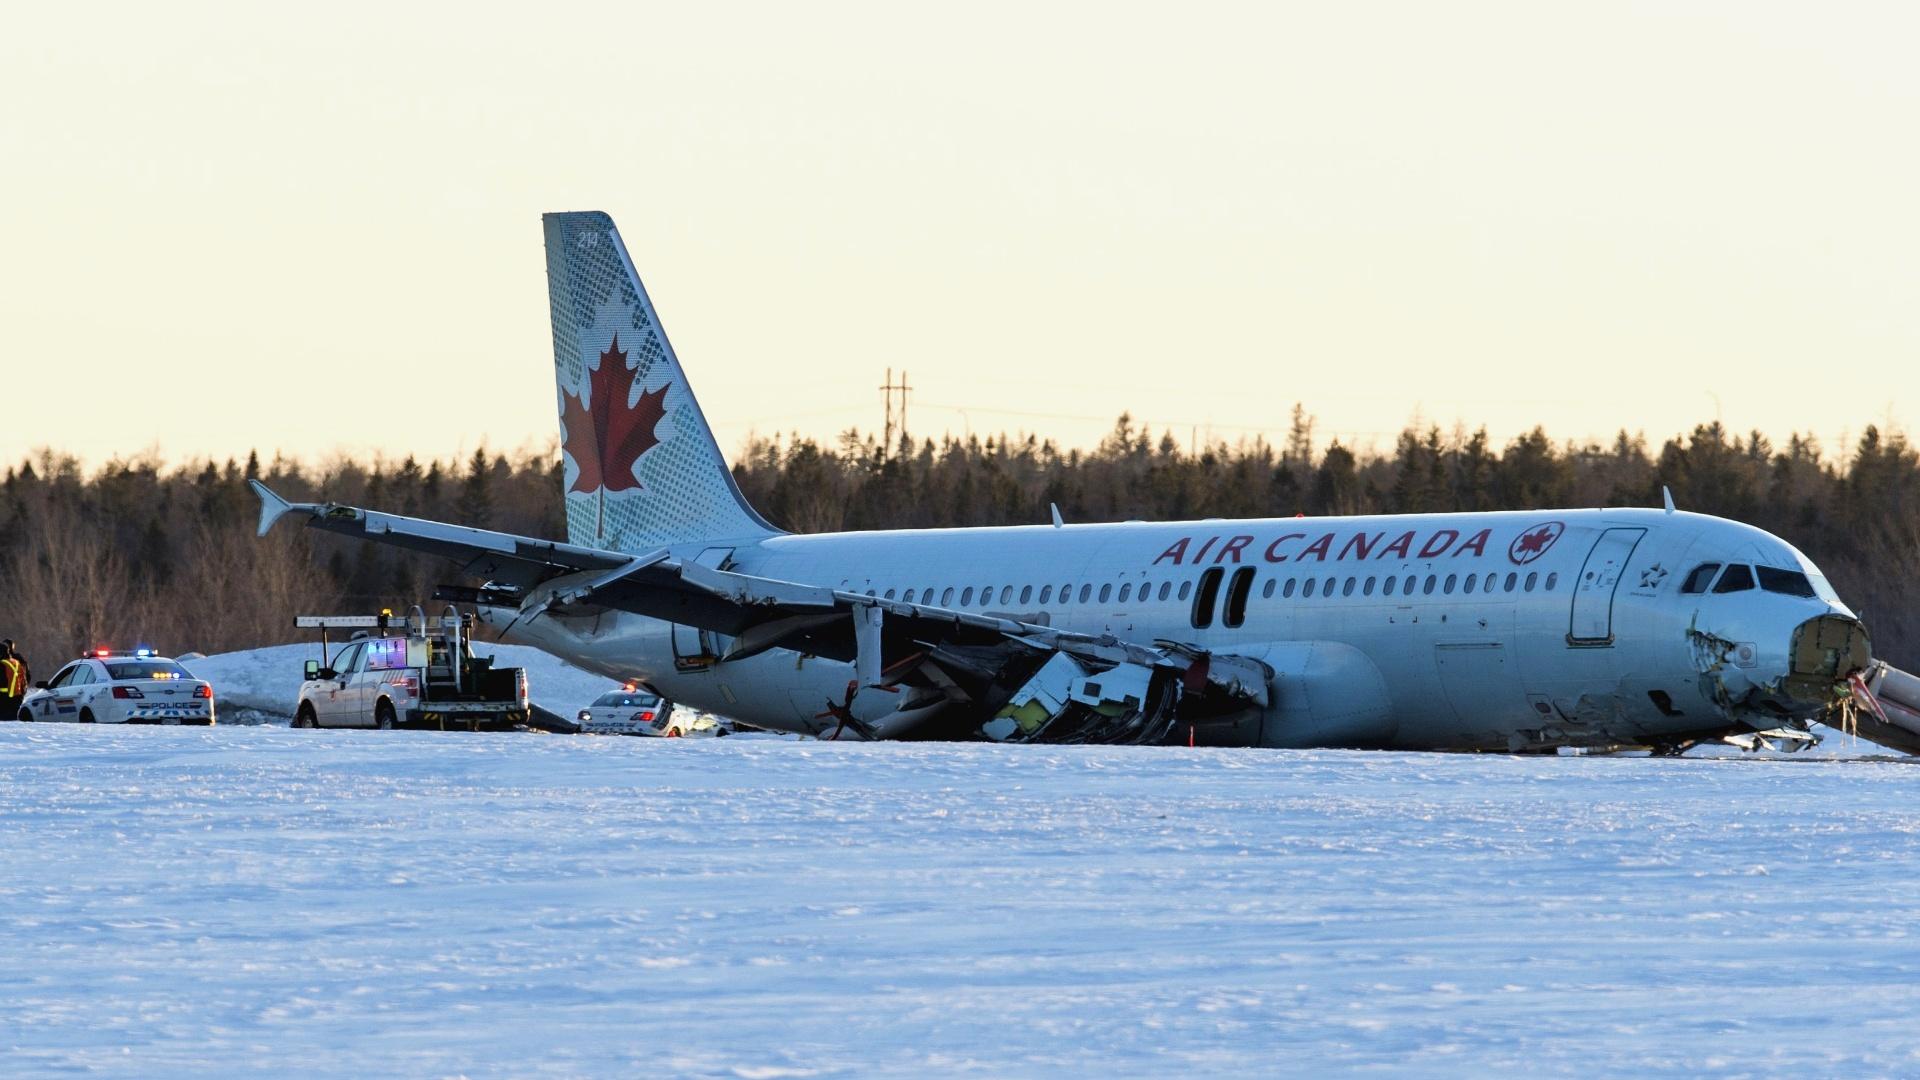 29.mar.2015 - Um avião da Air Canadá sofreu na madrugada deste domingo